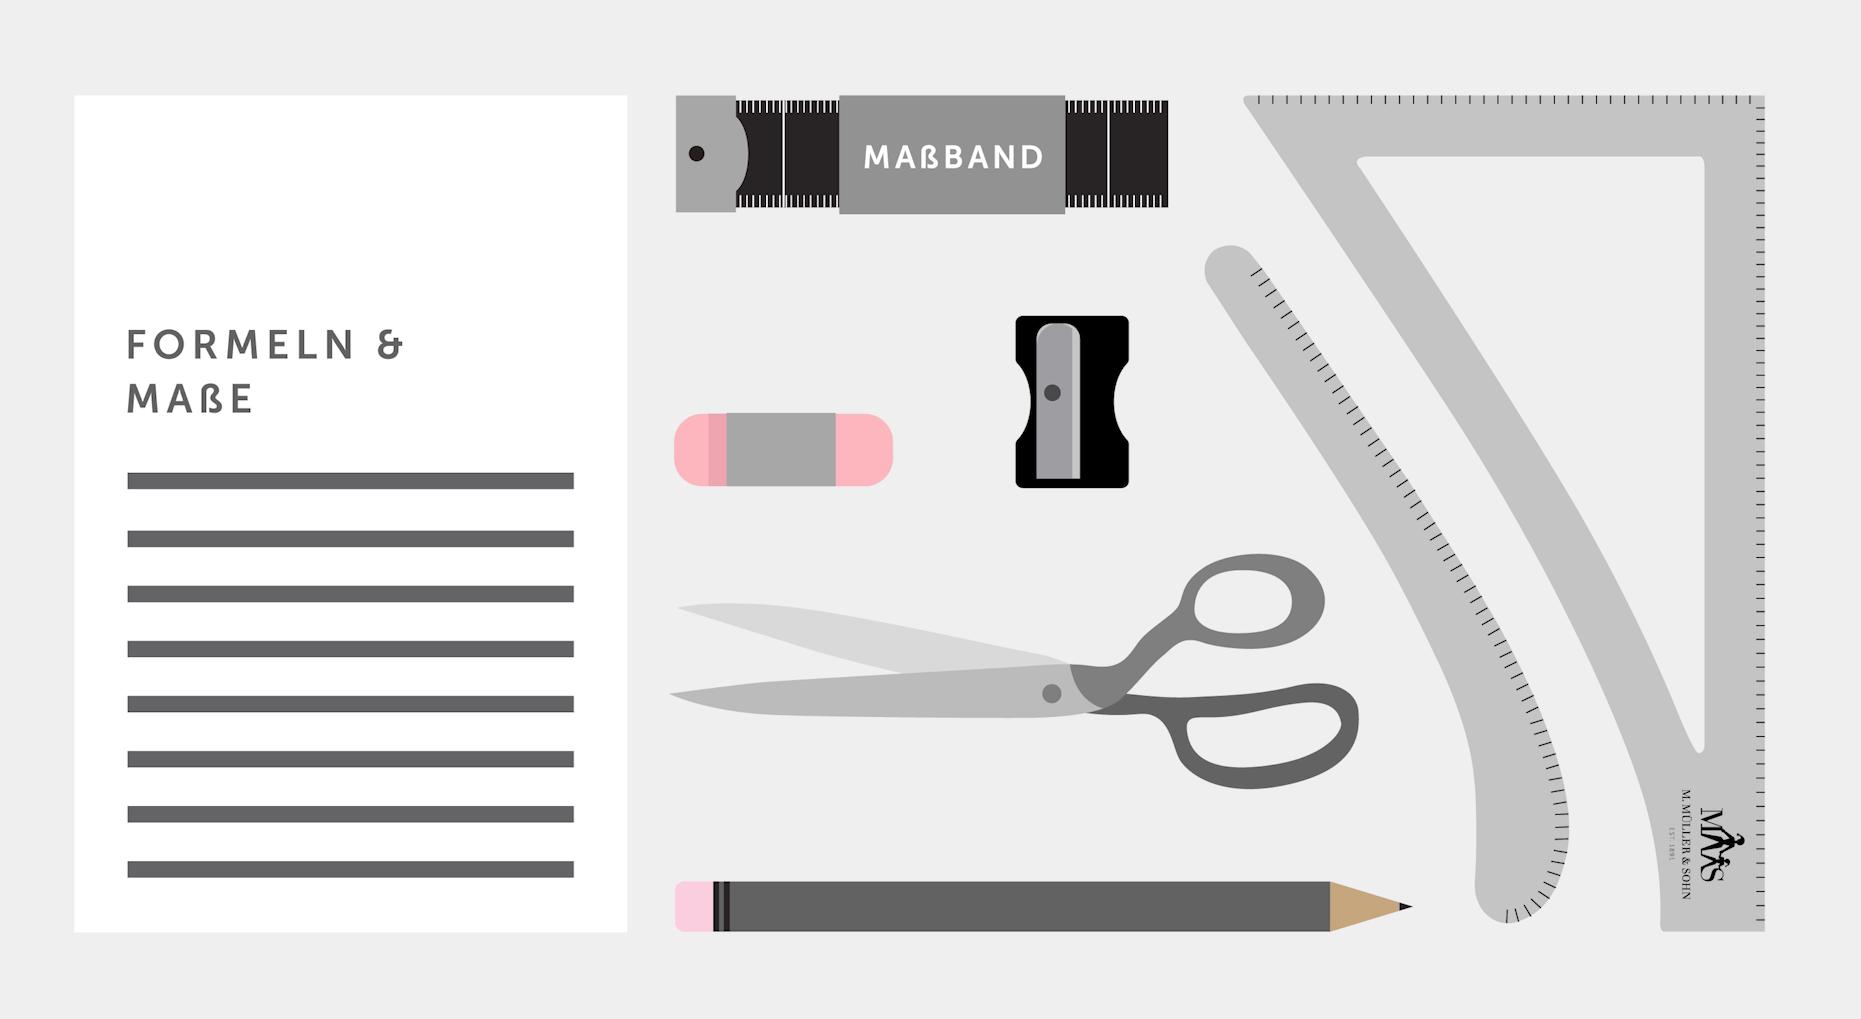 Grafik mit diversem Nähzubehör wie Schere, Stift, Spitzer, Radiergummi, Maßband, Schneiderwinkel und Maßtabelle.